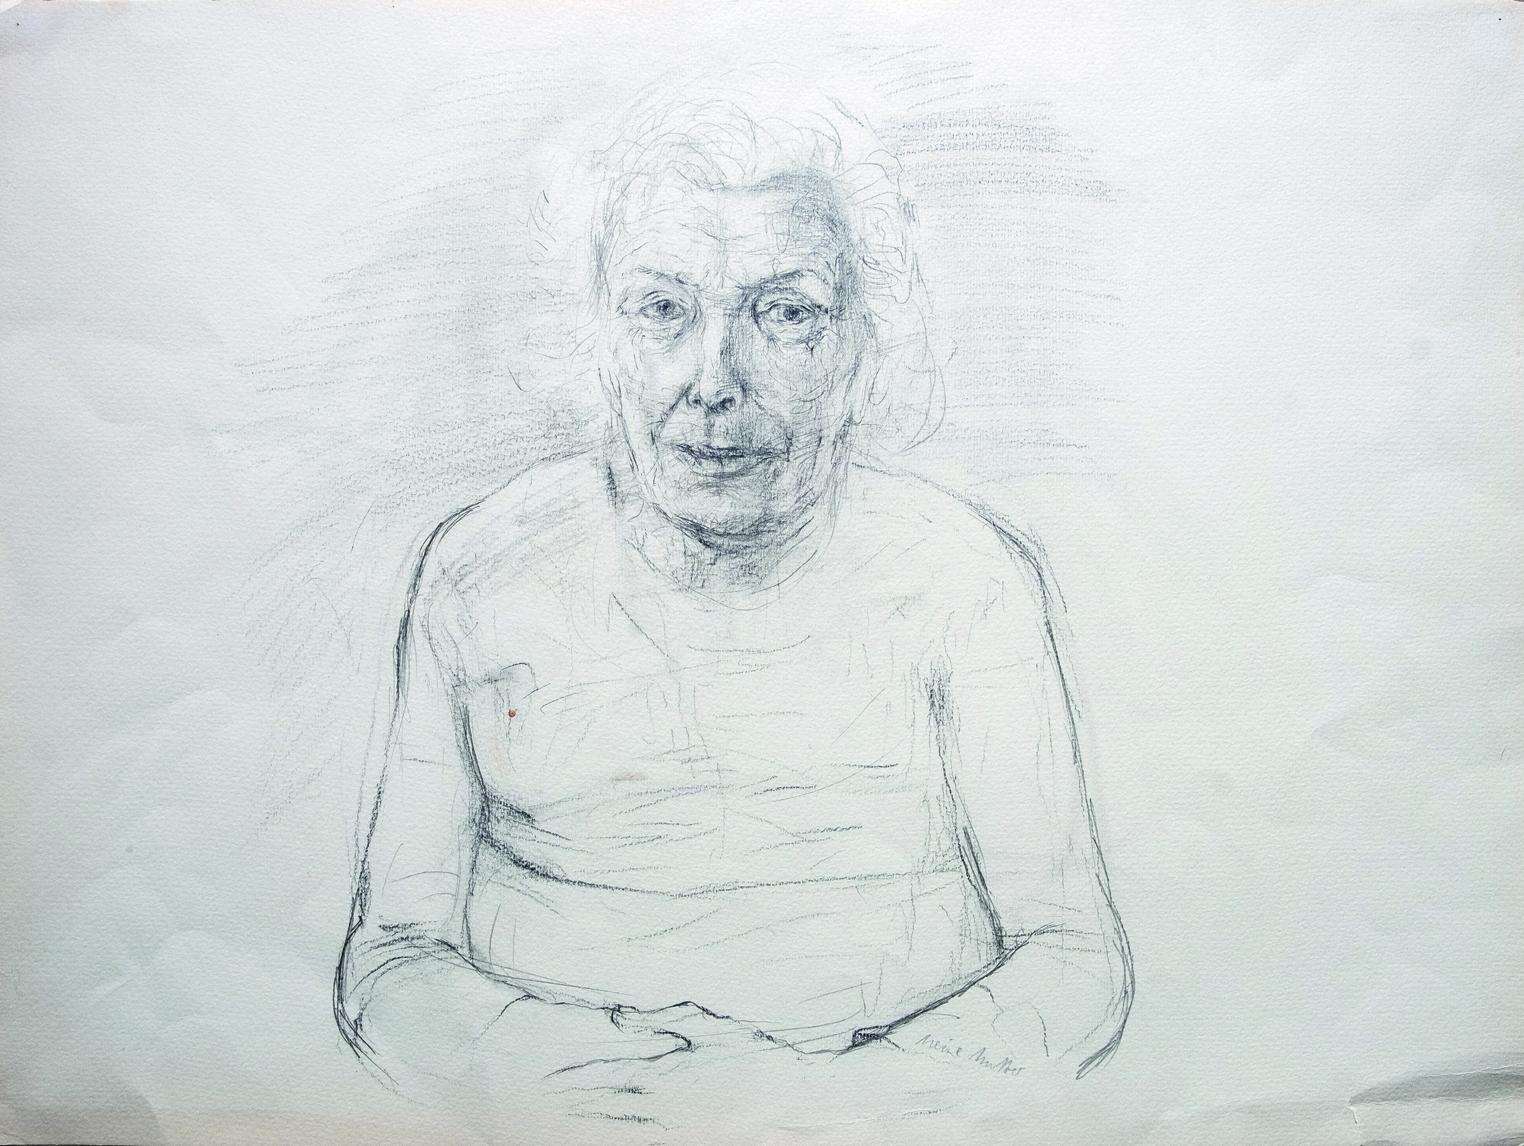 »LEBENSFÜLLE«, Meine Mutter, Bleistift auf Papier, 1981 | Lebensfülle und Verlust, Die Schreibmaschine  meiner Mutter, Texte 2017/2020